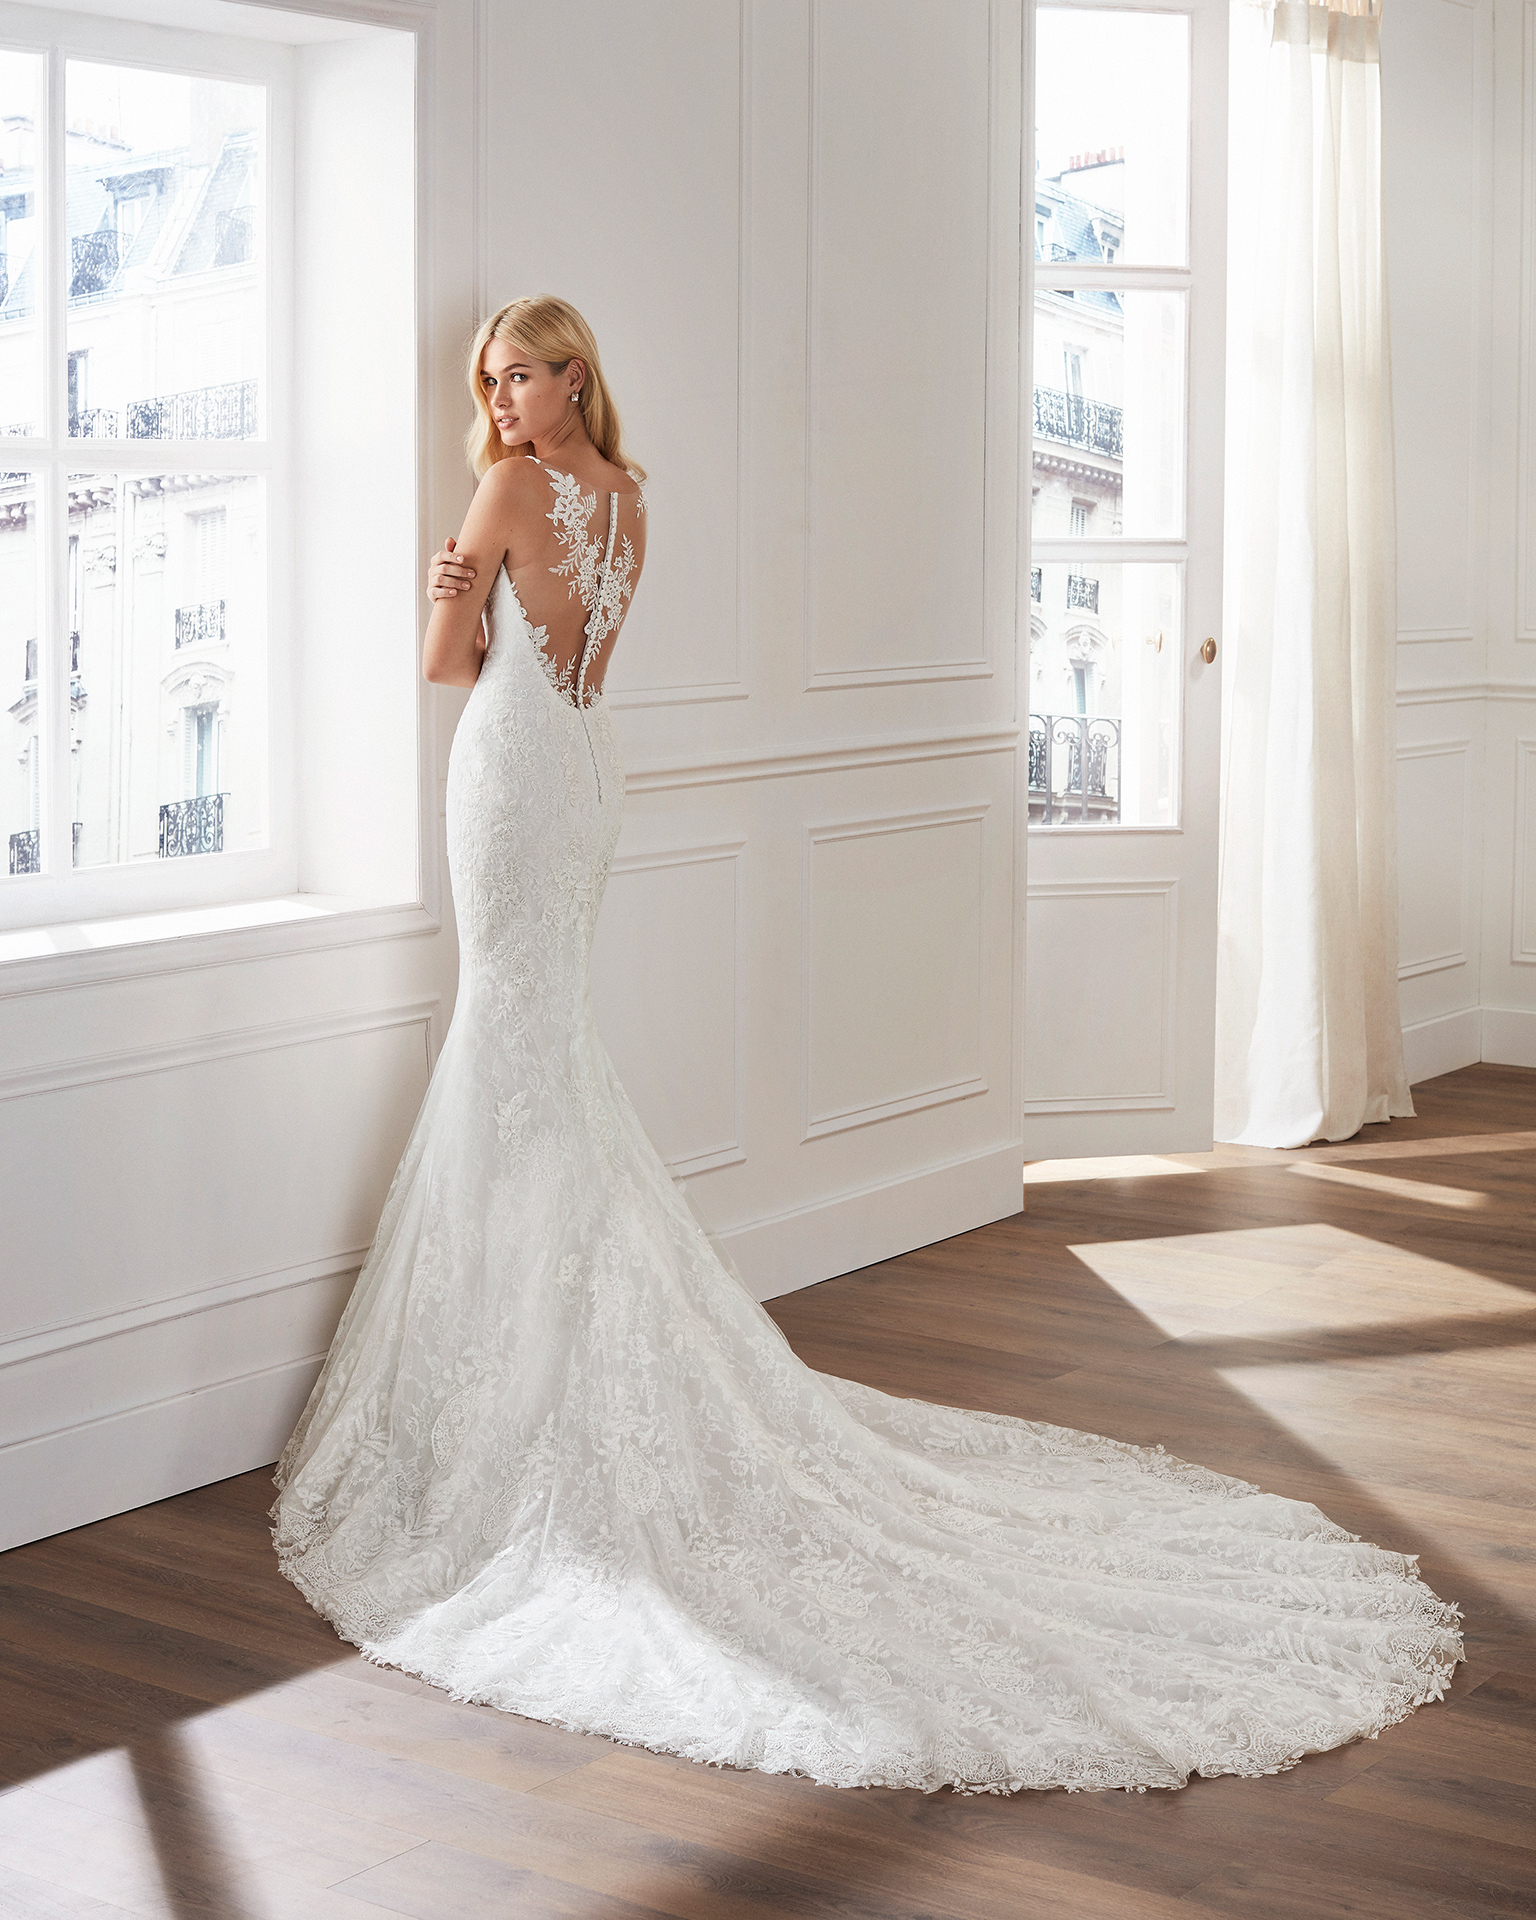 Vestido de novia corte sirena de encaje. Escote corazón y falda de aplicaciones. Disponible en color natural. Colección  2019.